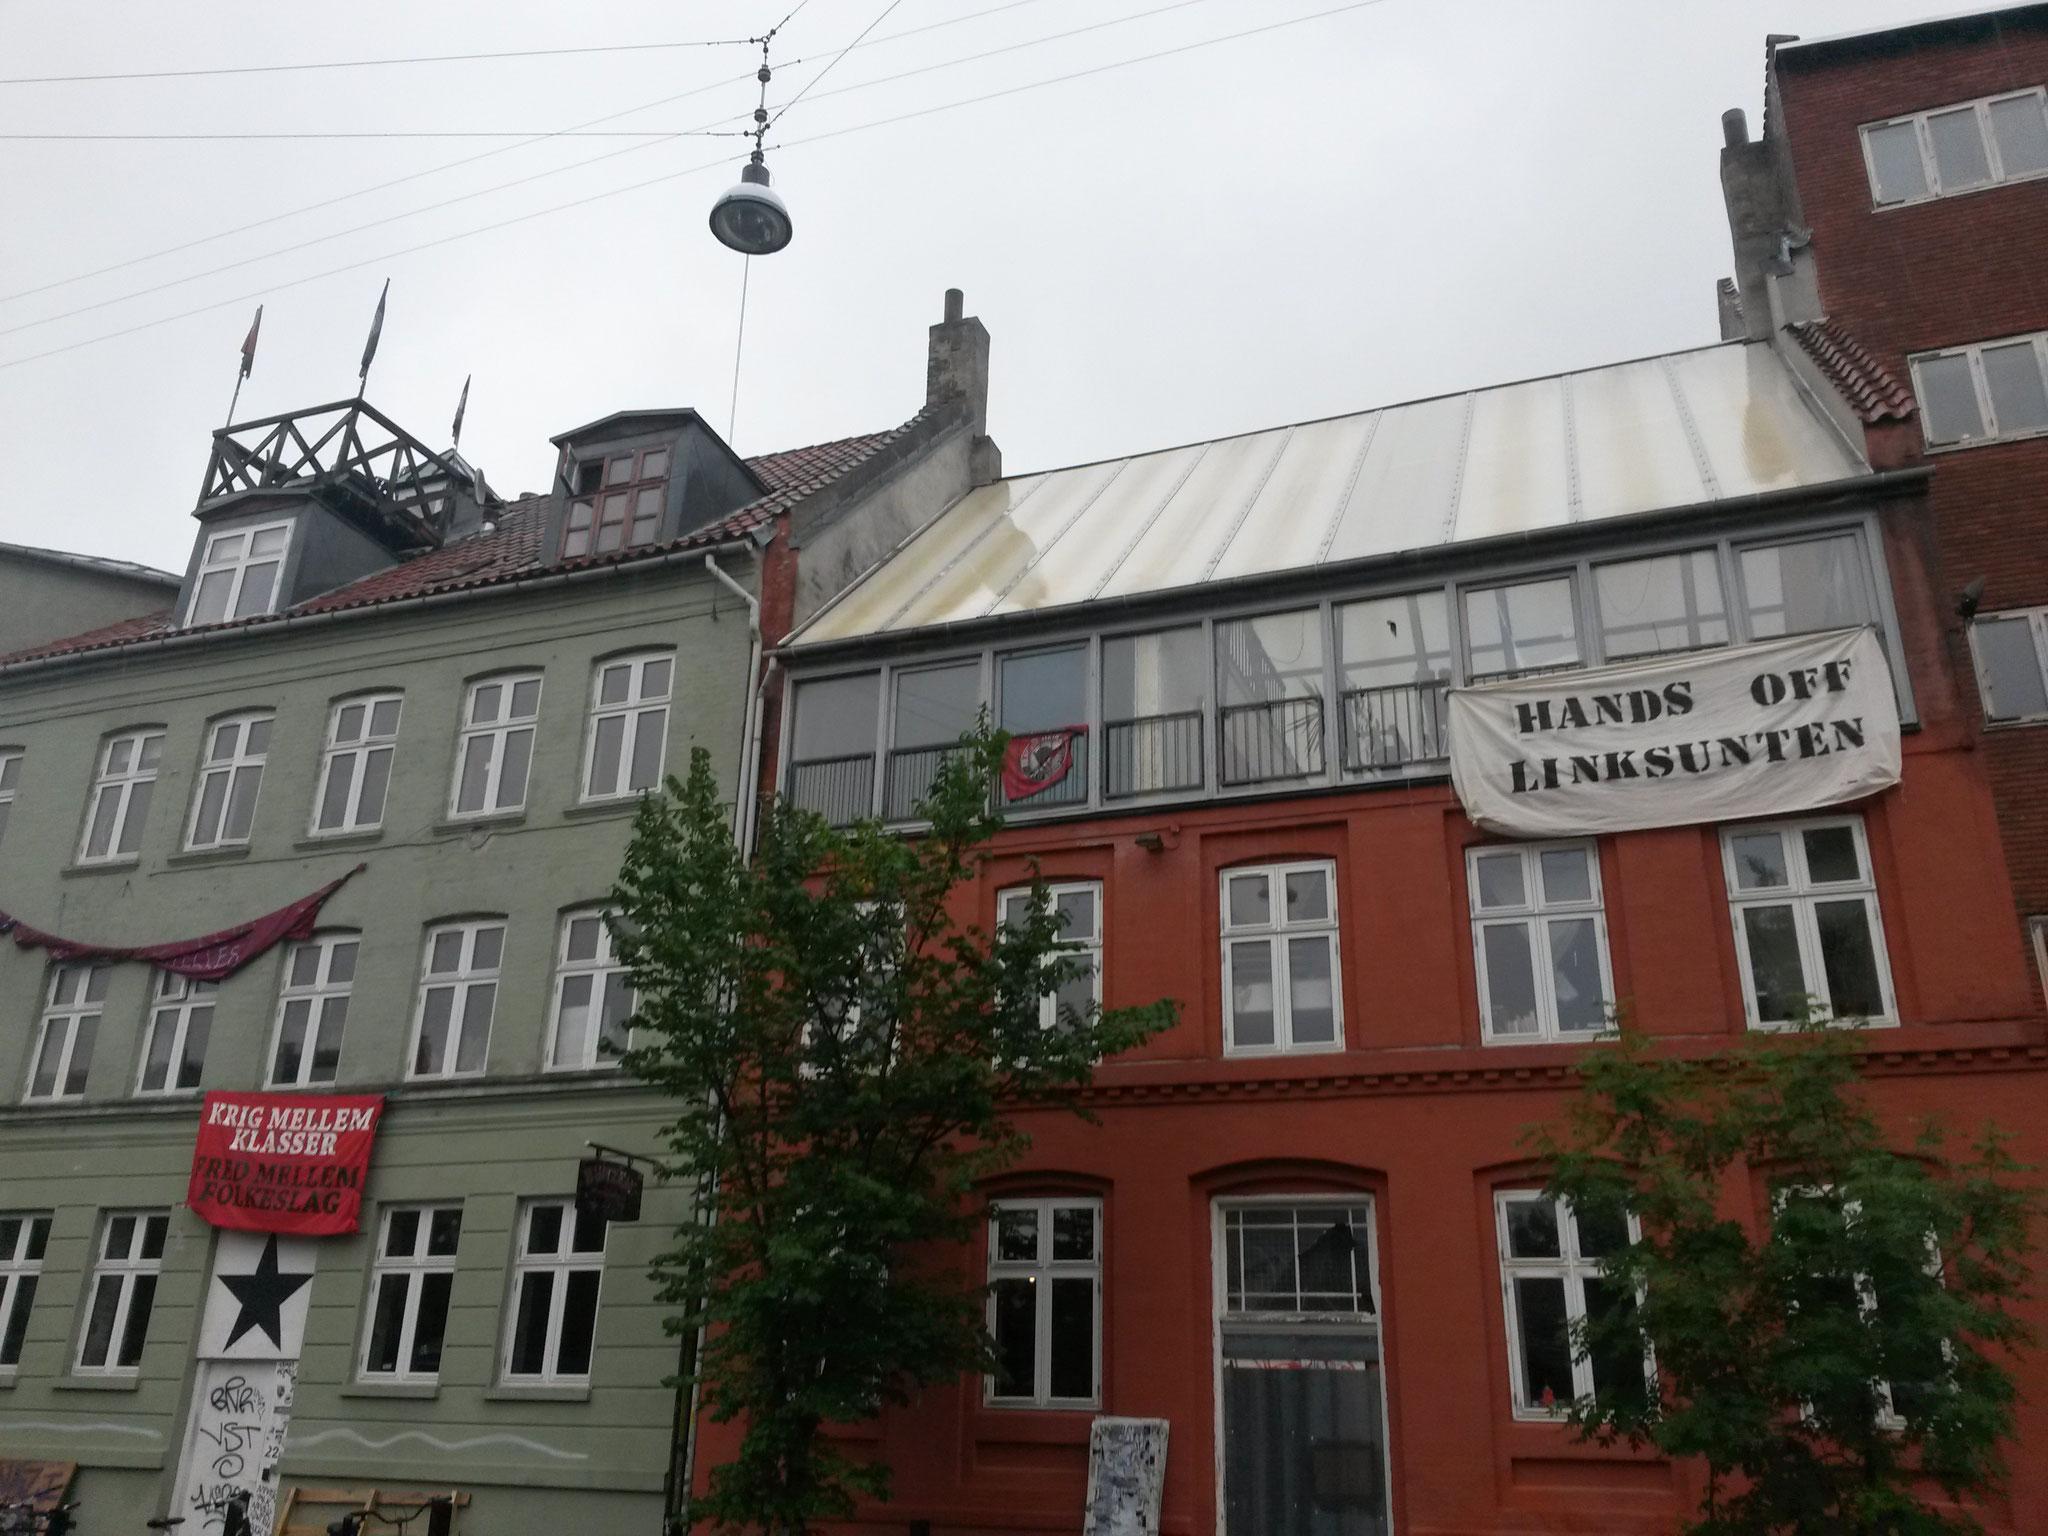 Solidaritet med indymedia-linksunten i København